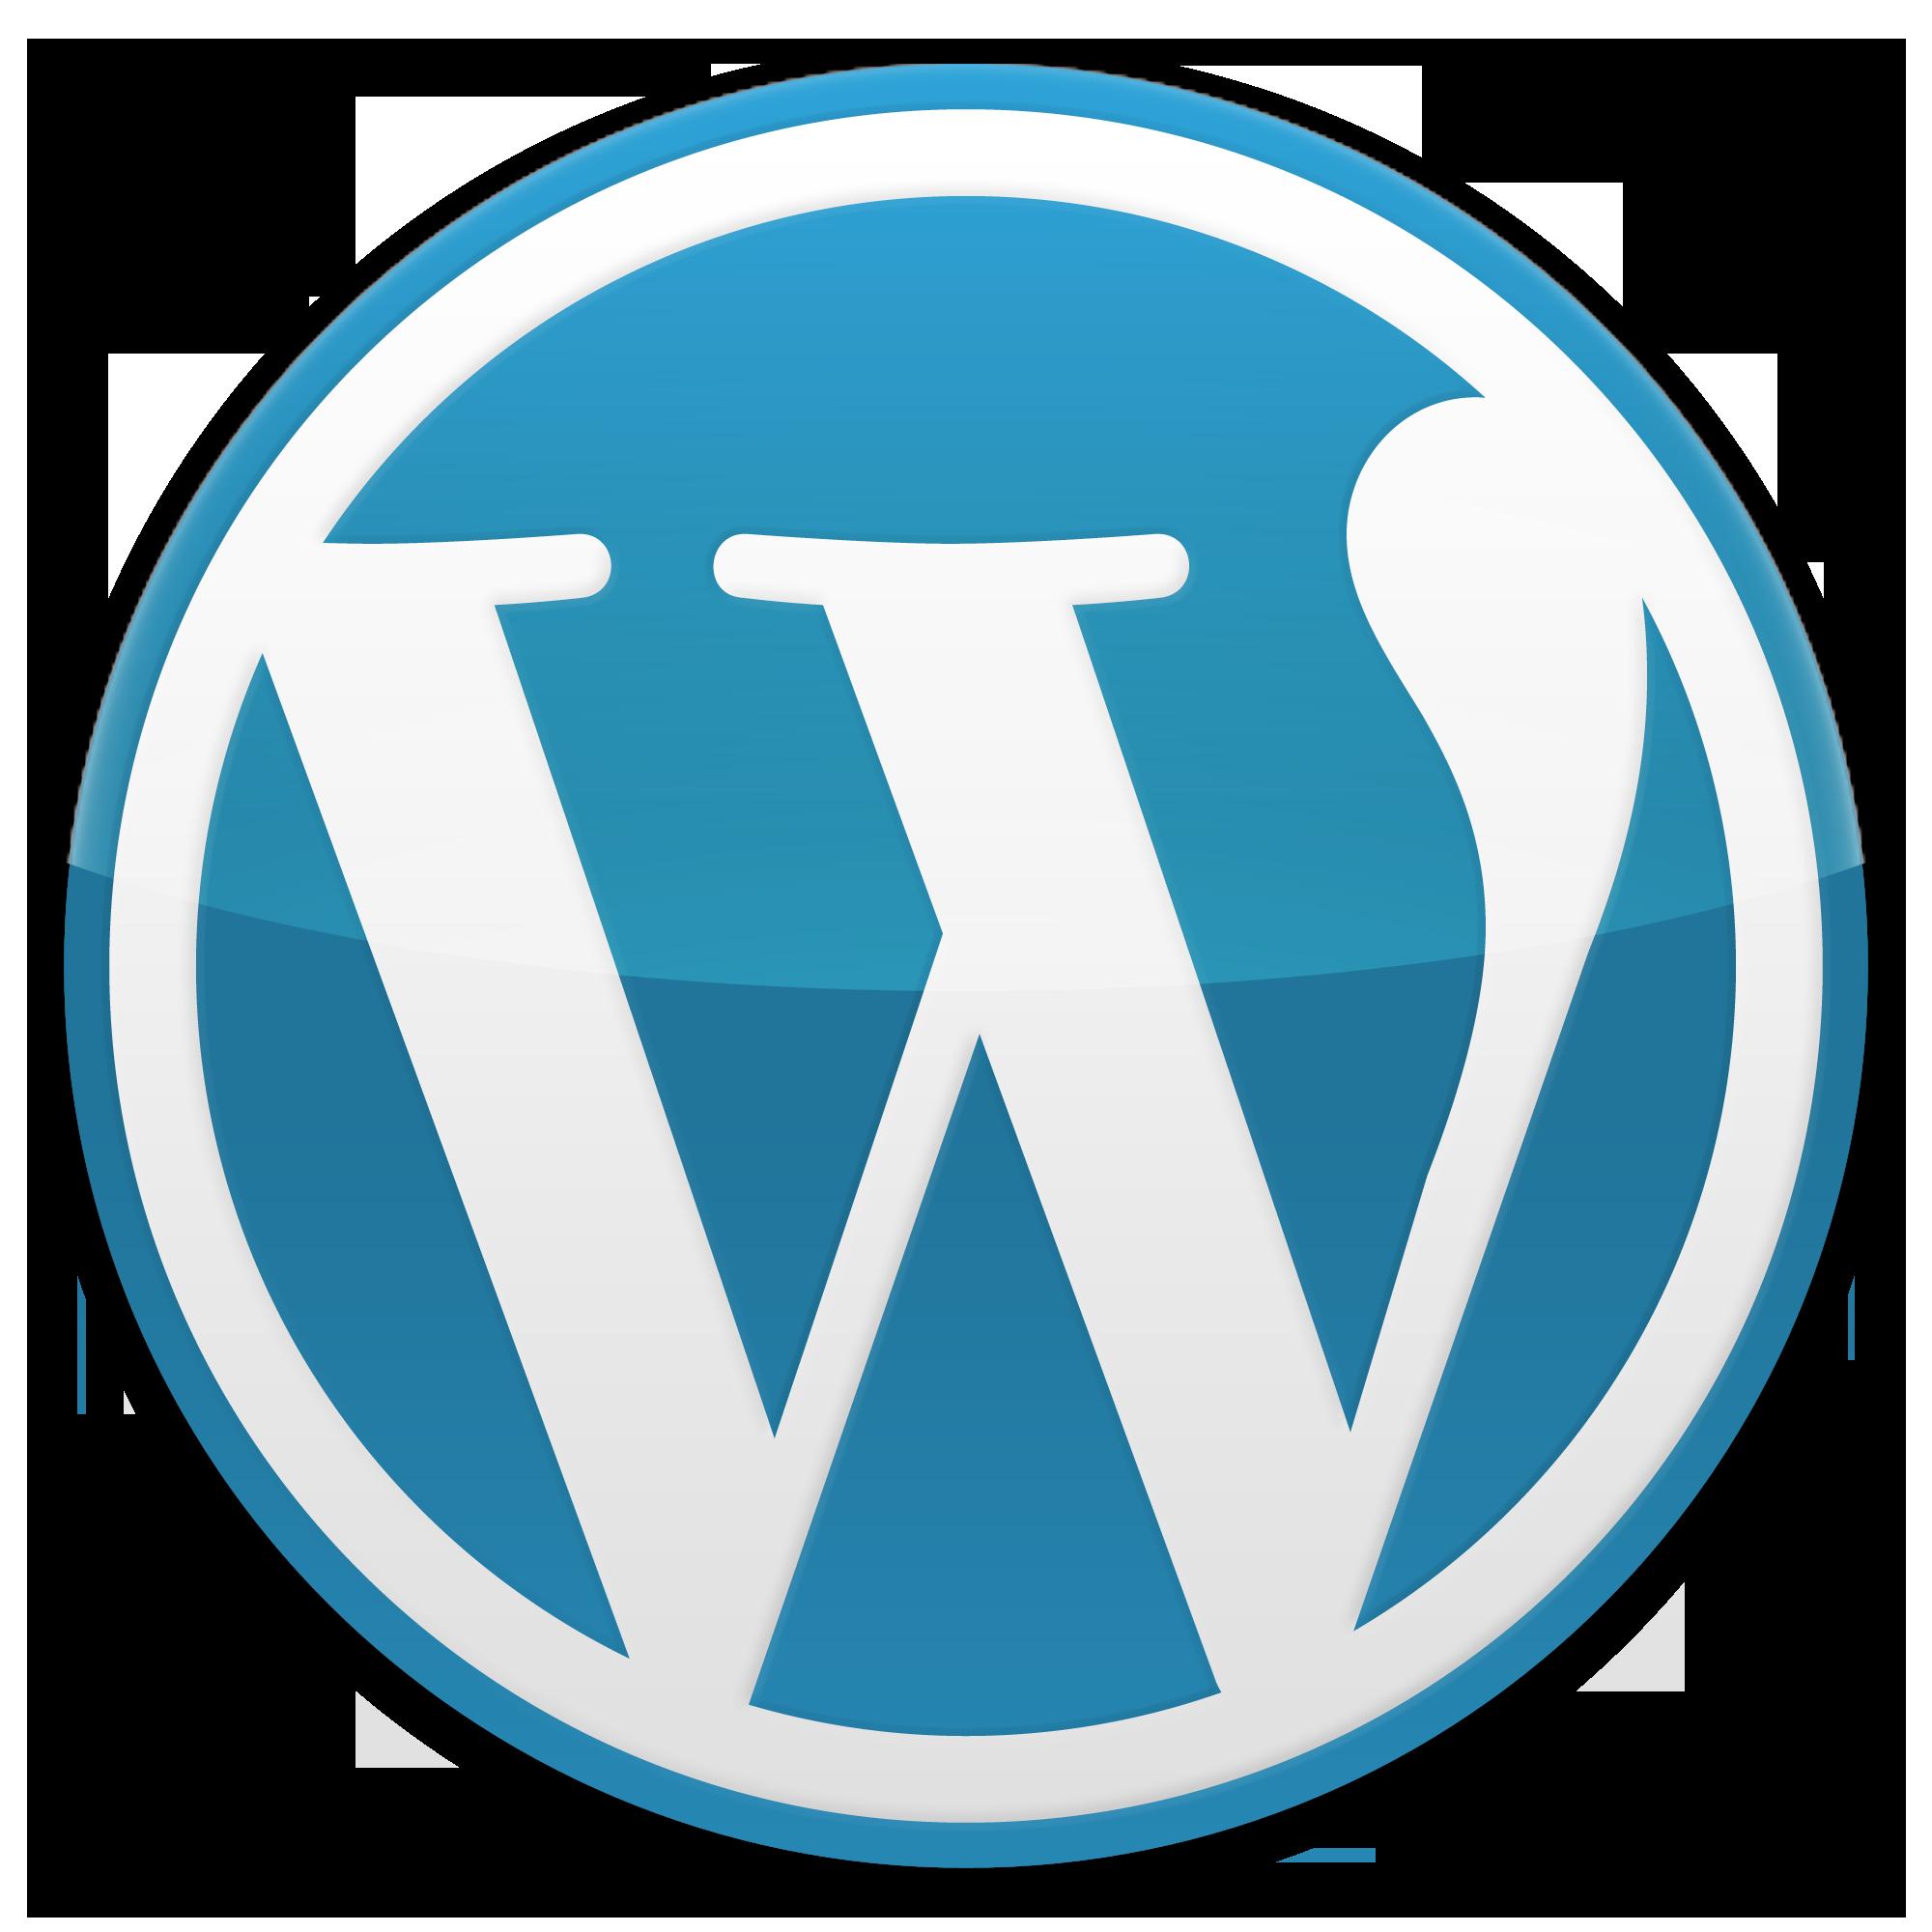 ワードプレス(WordPress)文字のサイズ、色の、簡単な変更方法